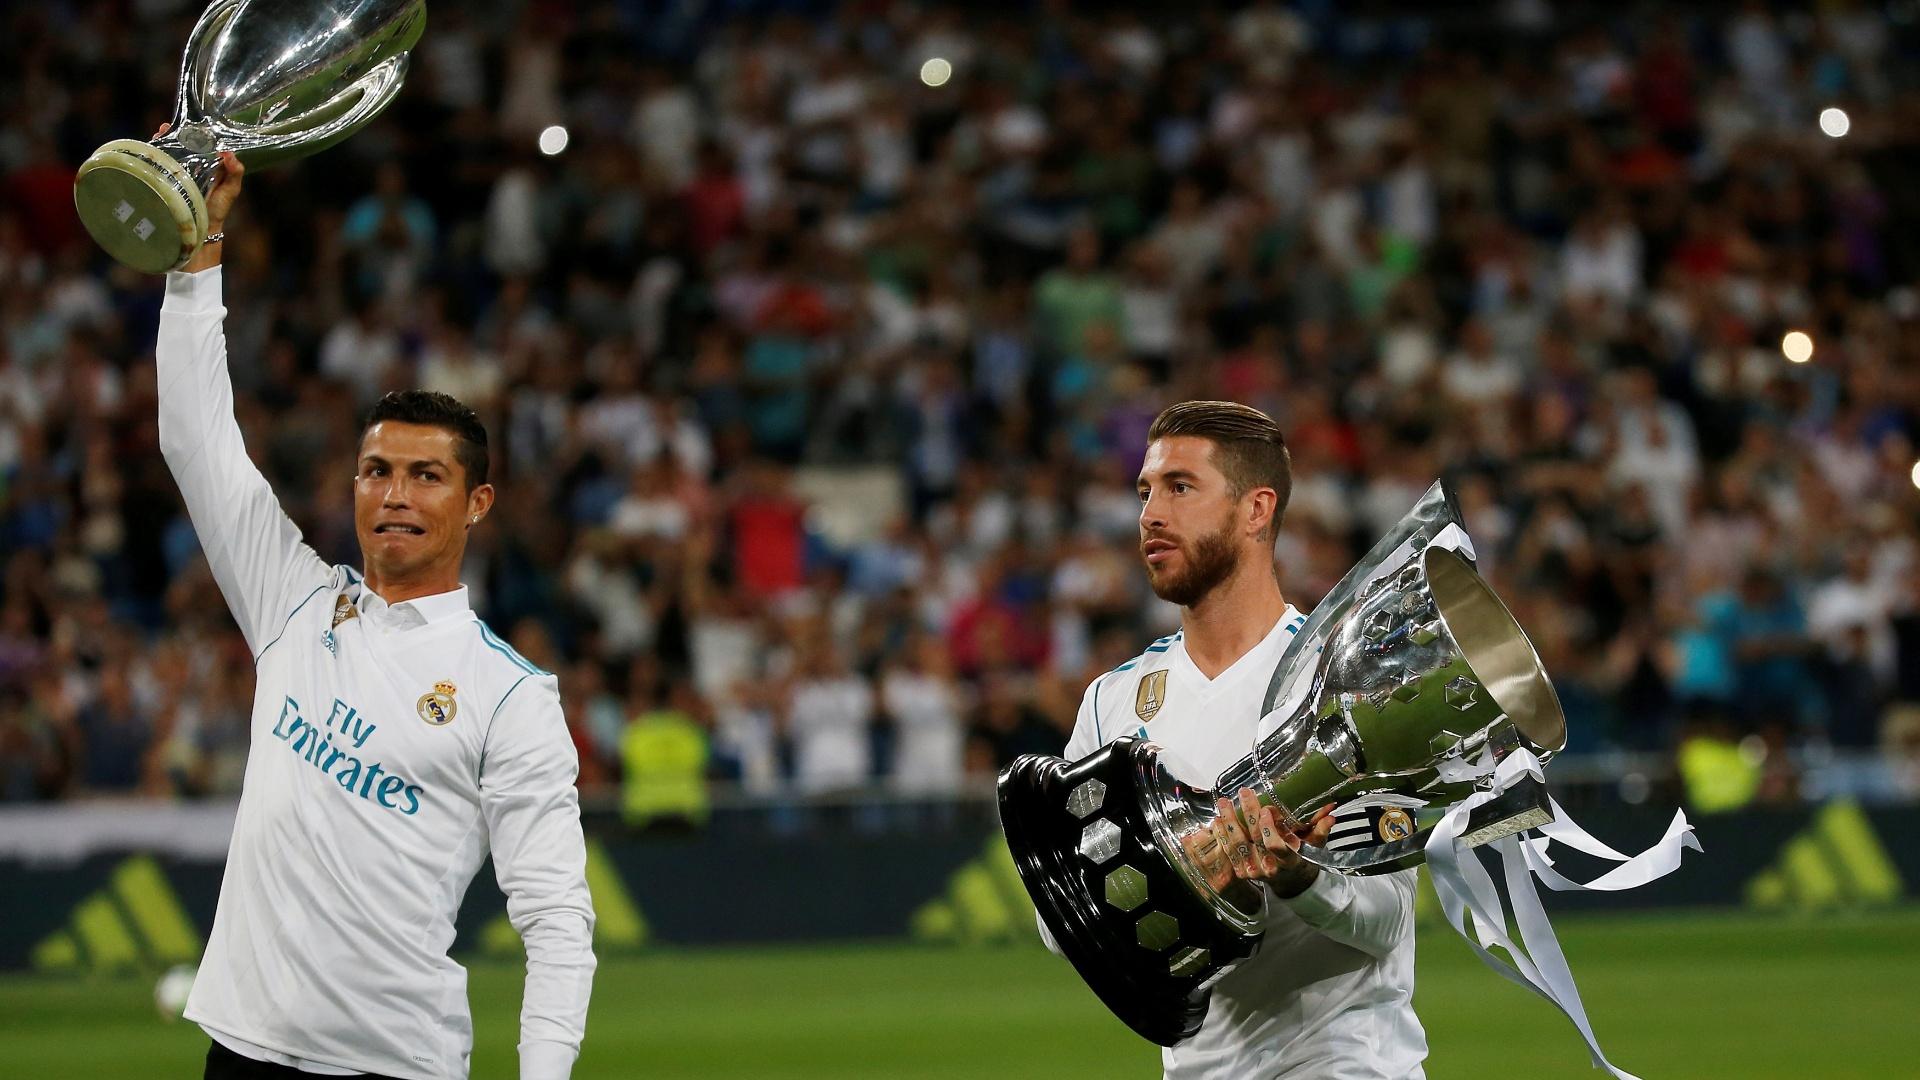 Cristiano Ronaldo e Sergio Ramos entraram em campo apenas para exibirem os últimos troféus conquistados